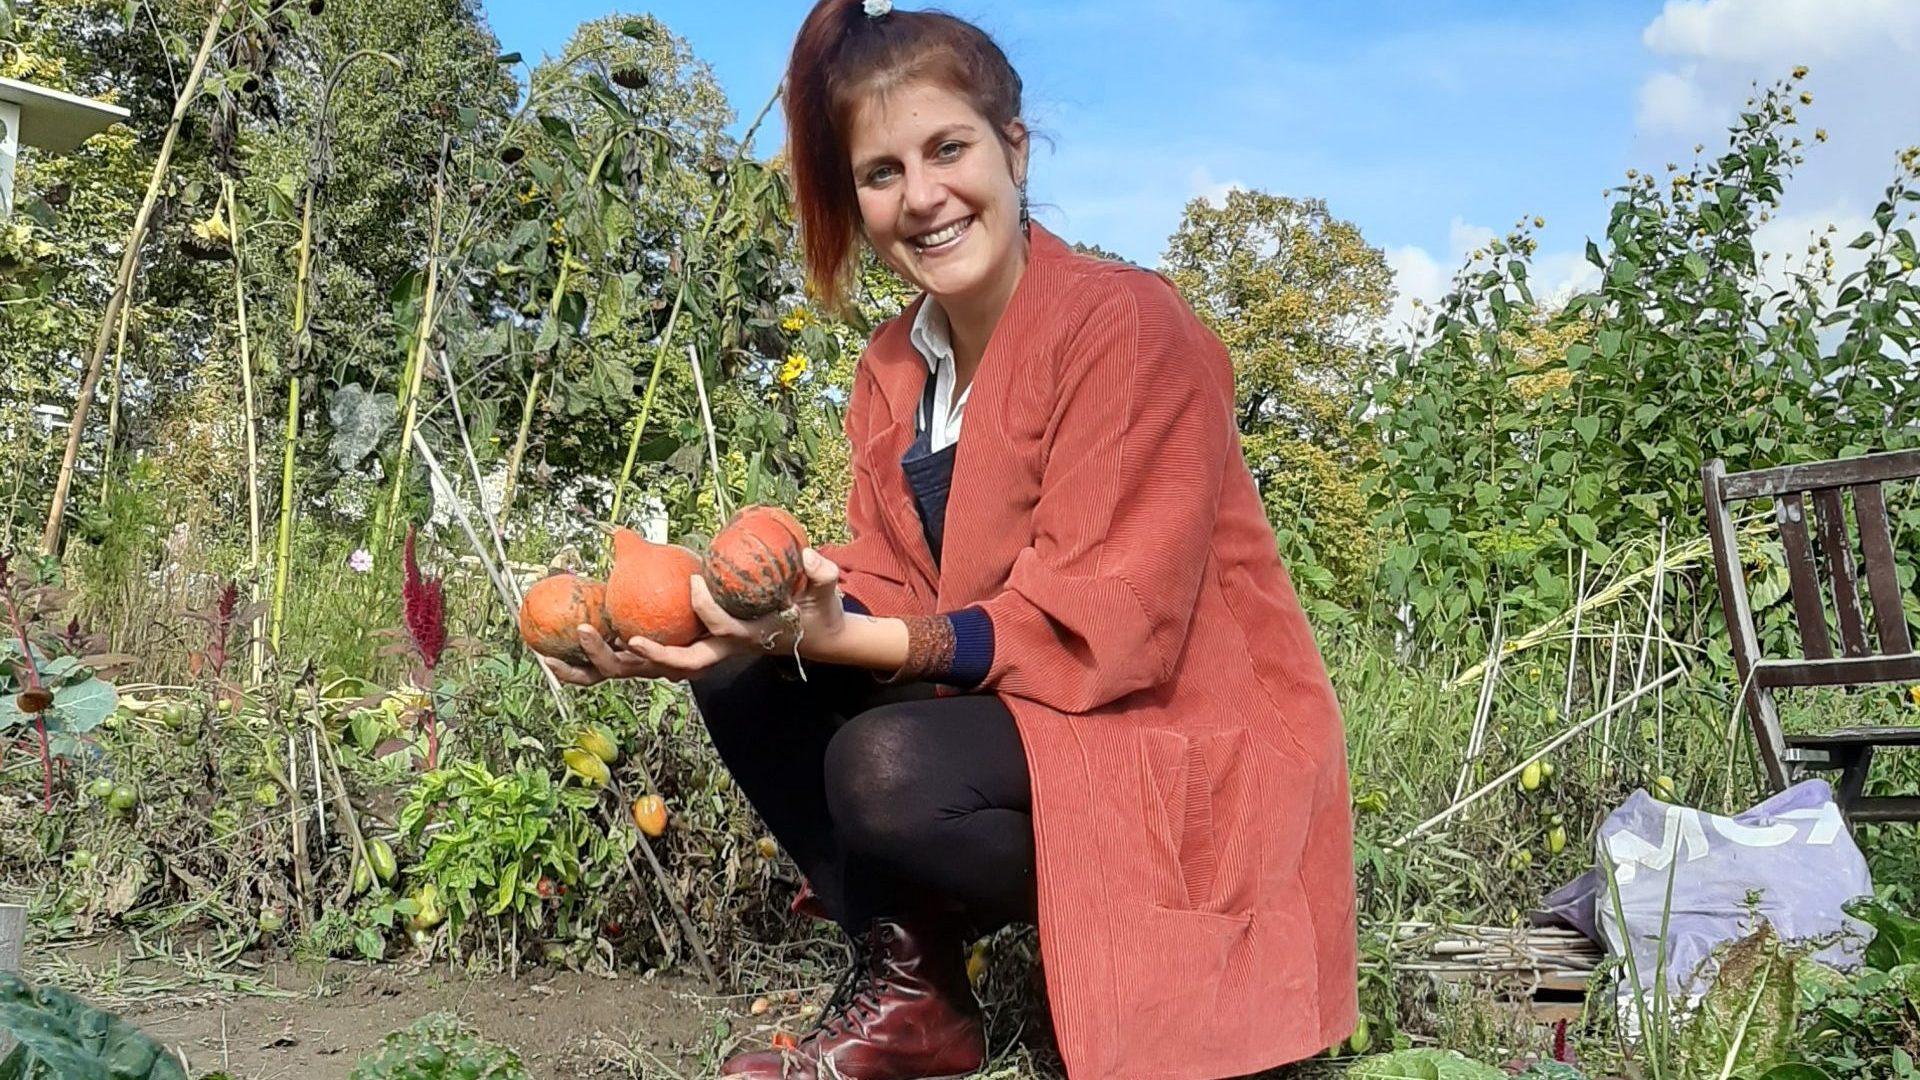 Plastikfrei: Anke Schmidt macht die Welt ein Stückchen besser